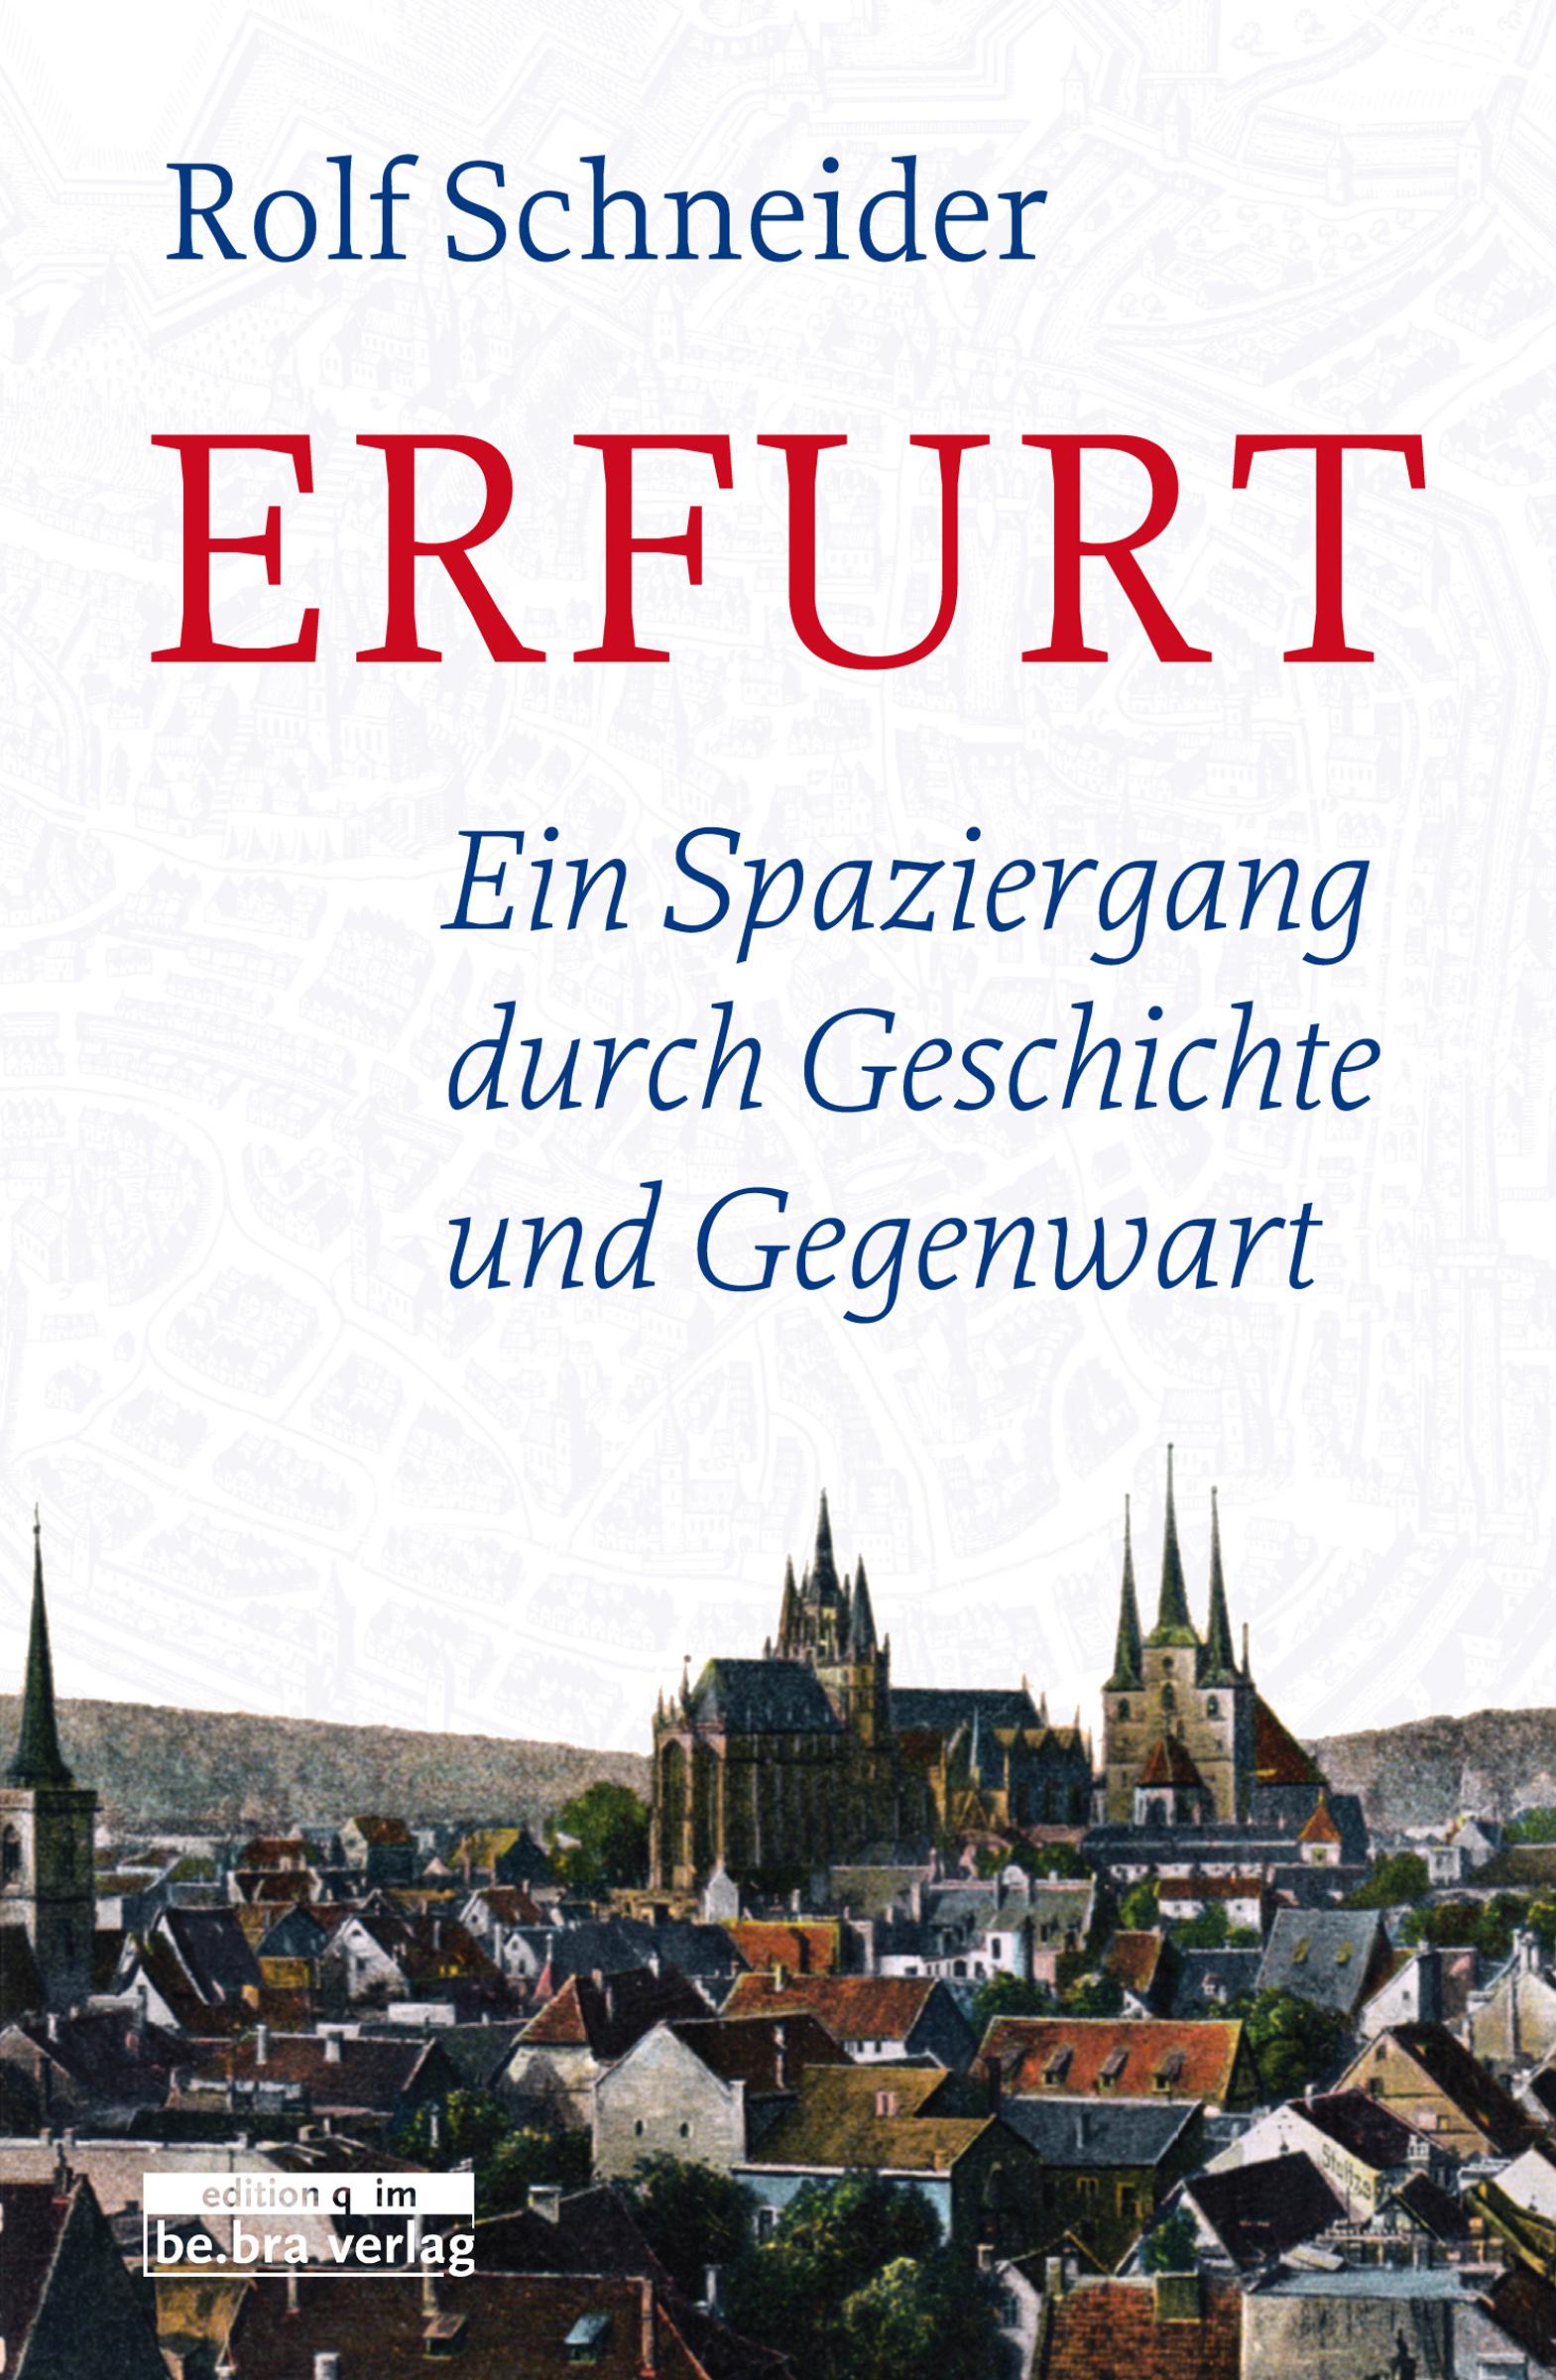 Rolf Schneider Erfurt clueso erfurt